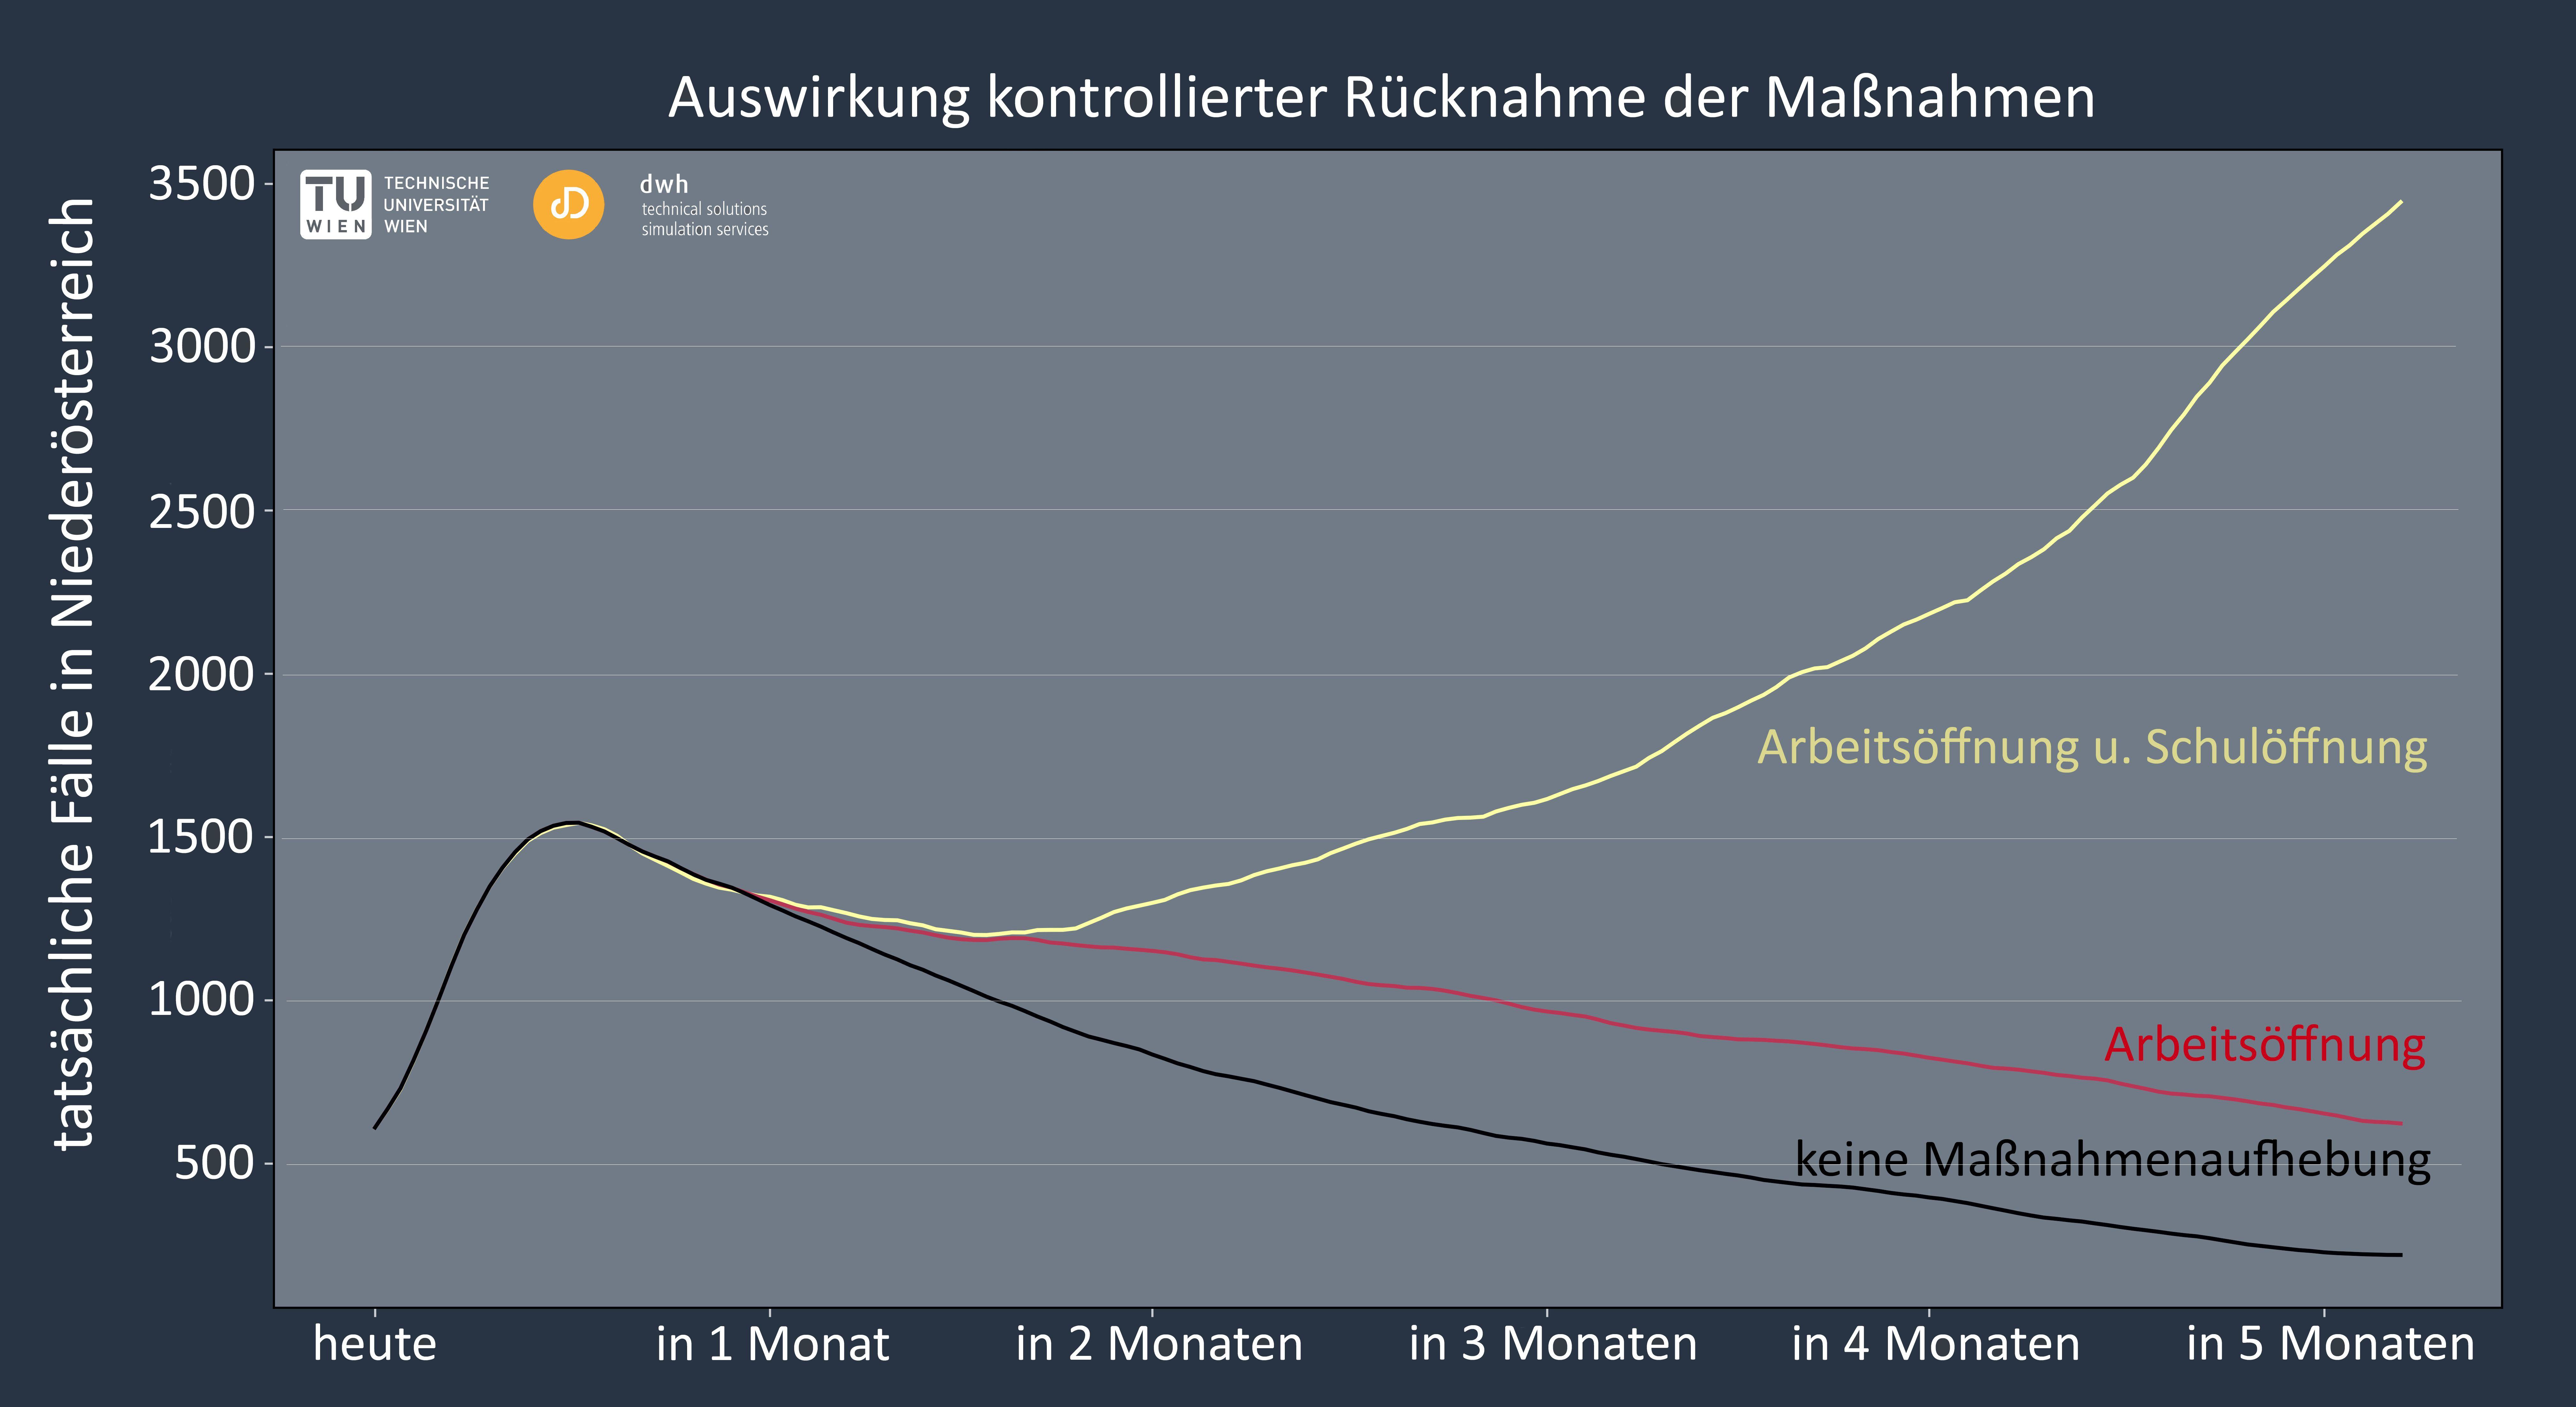 Kontrollierte Rücknahme der Maßnahmen. Vergleich der aktuellen Maßnahmen (schwarze Linie) mit Öffnung der Arbeitsstätten nach Ostern, Öffnung von Arbeitsstätten nach Ostern und Schulen am 4.5.